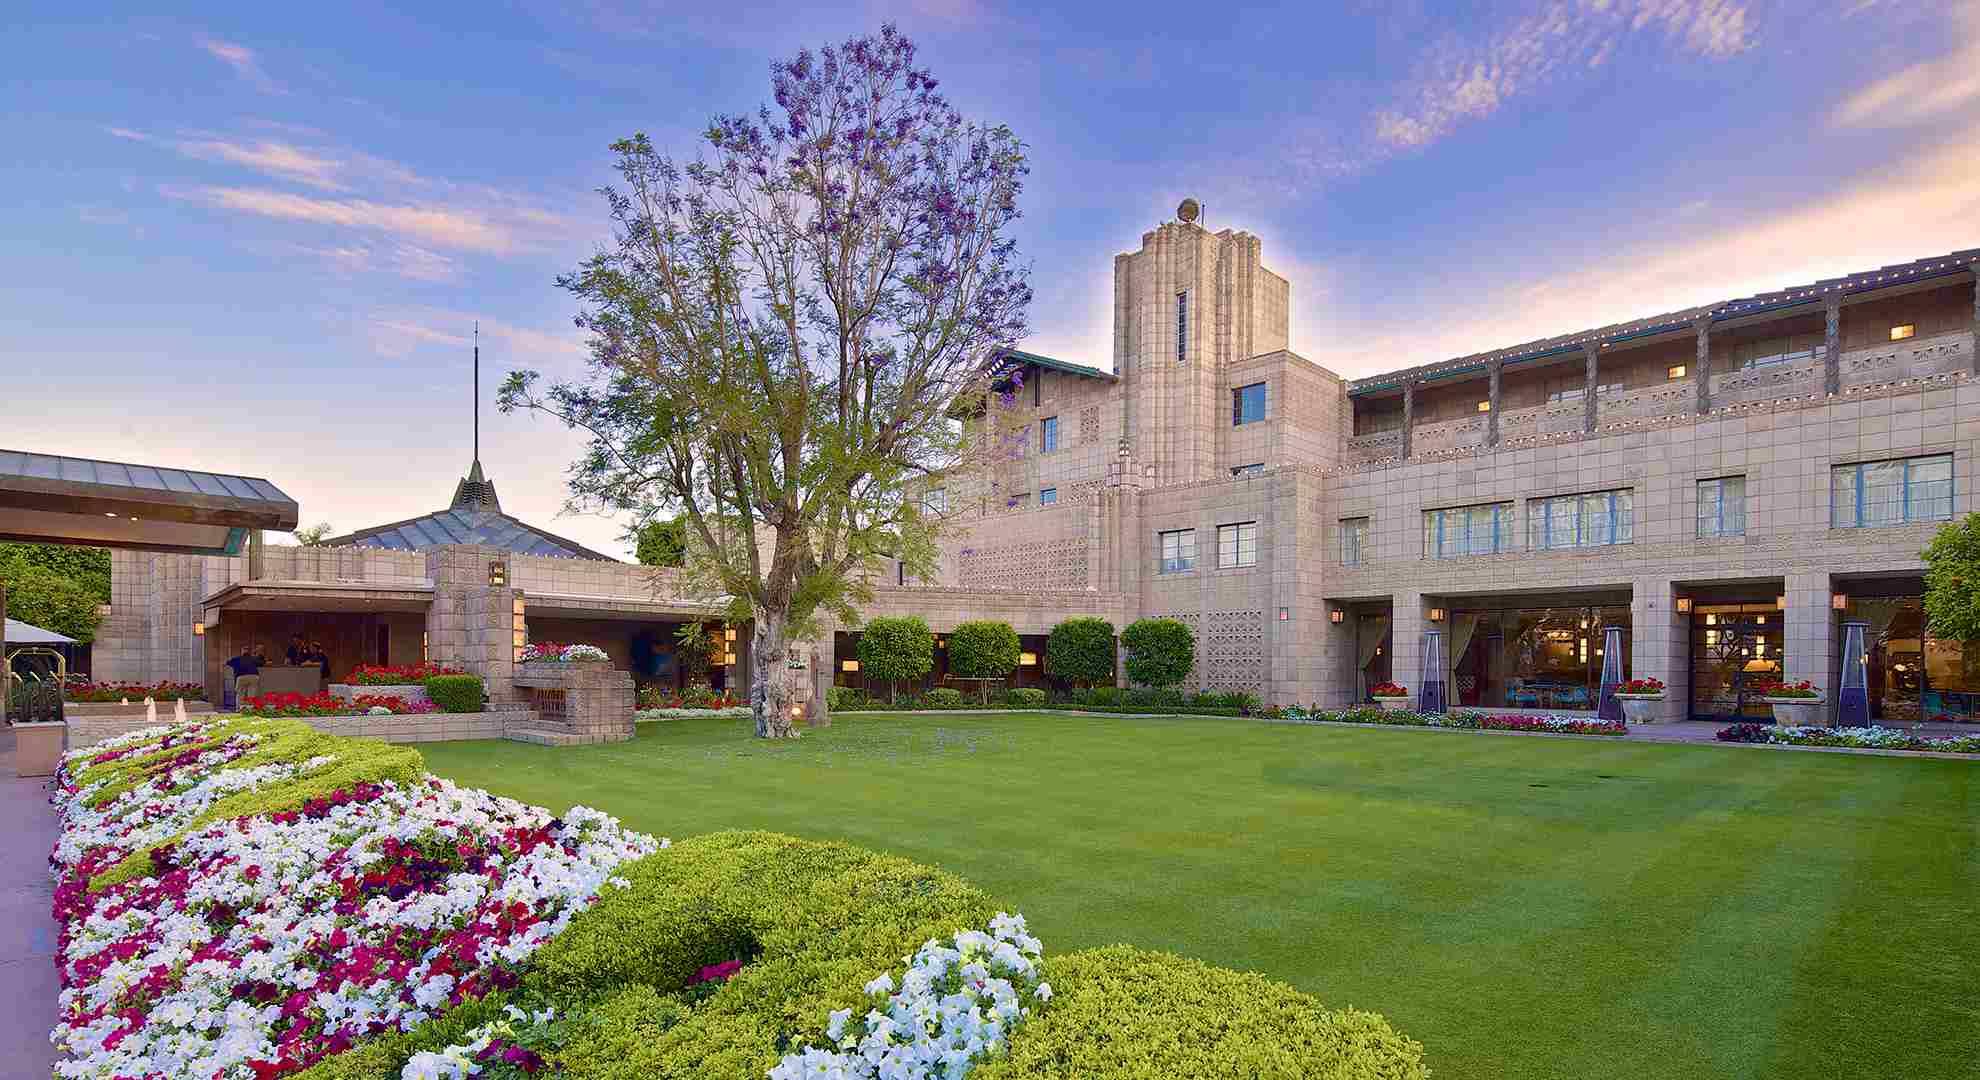 Exterior of The Arizona Biltmore Resort